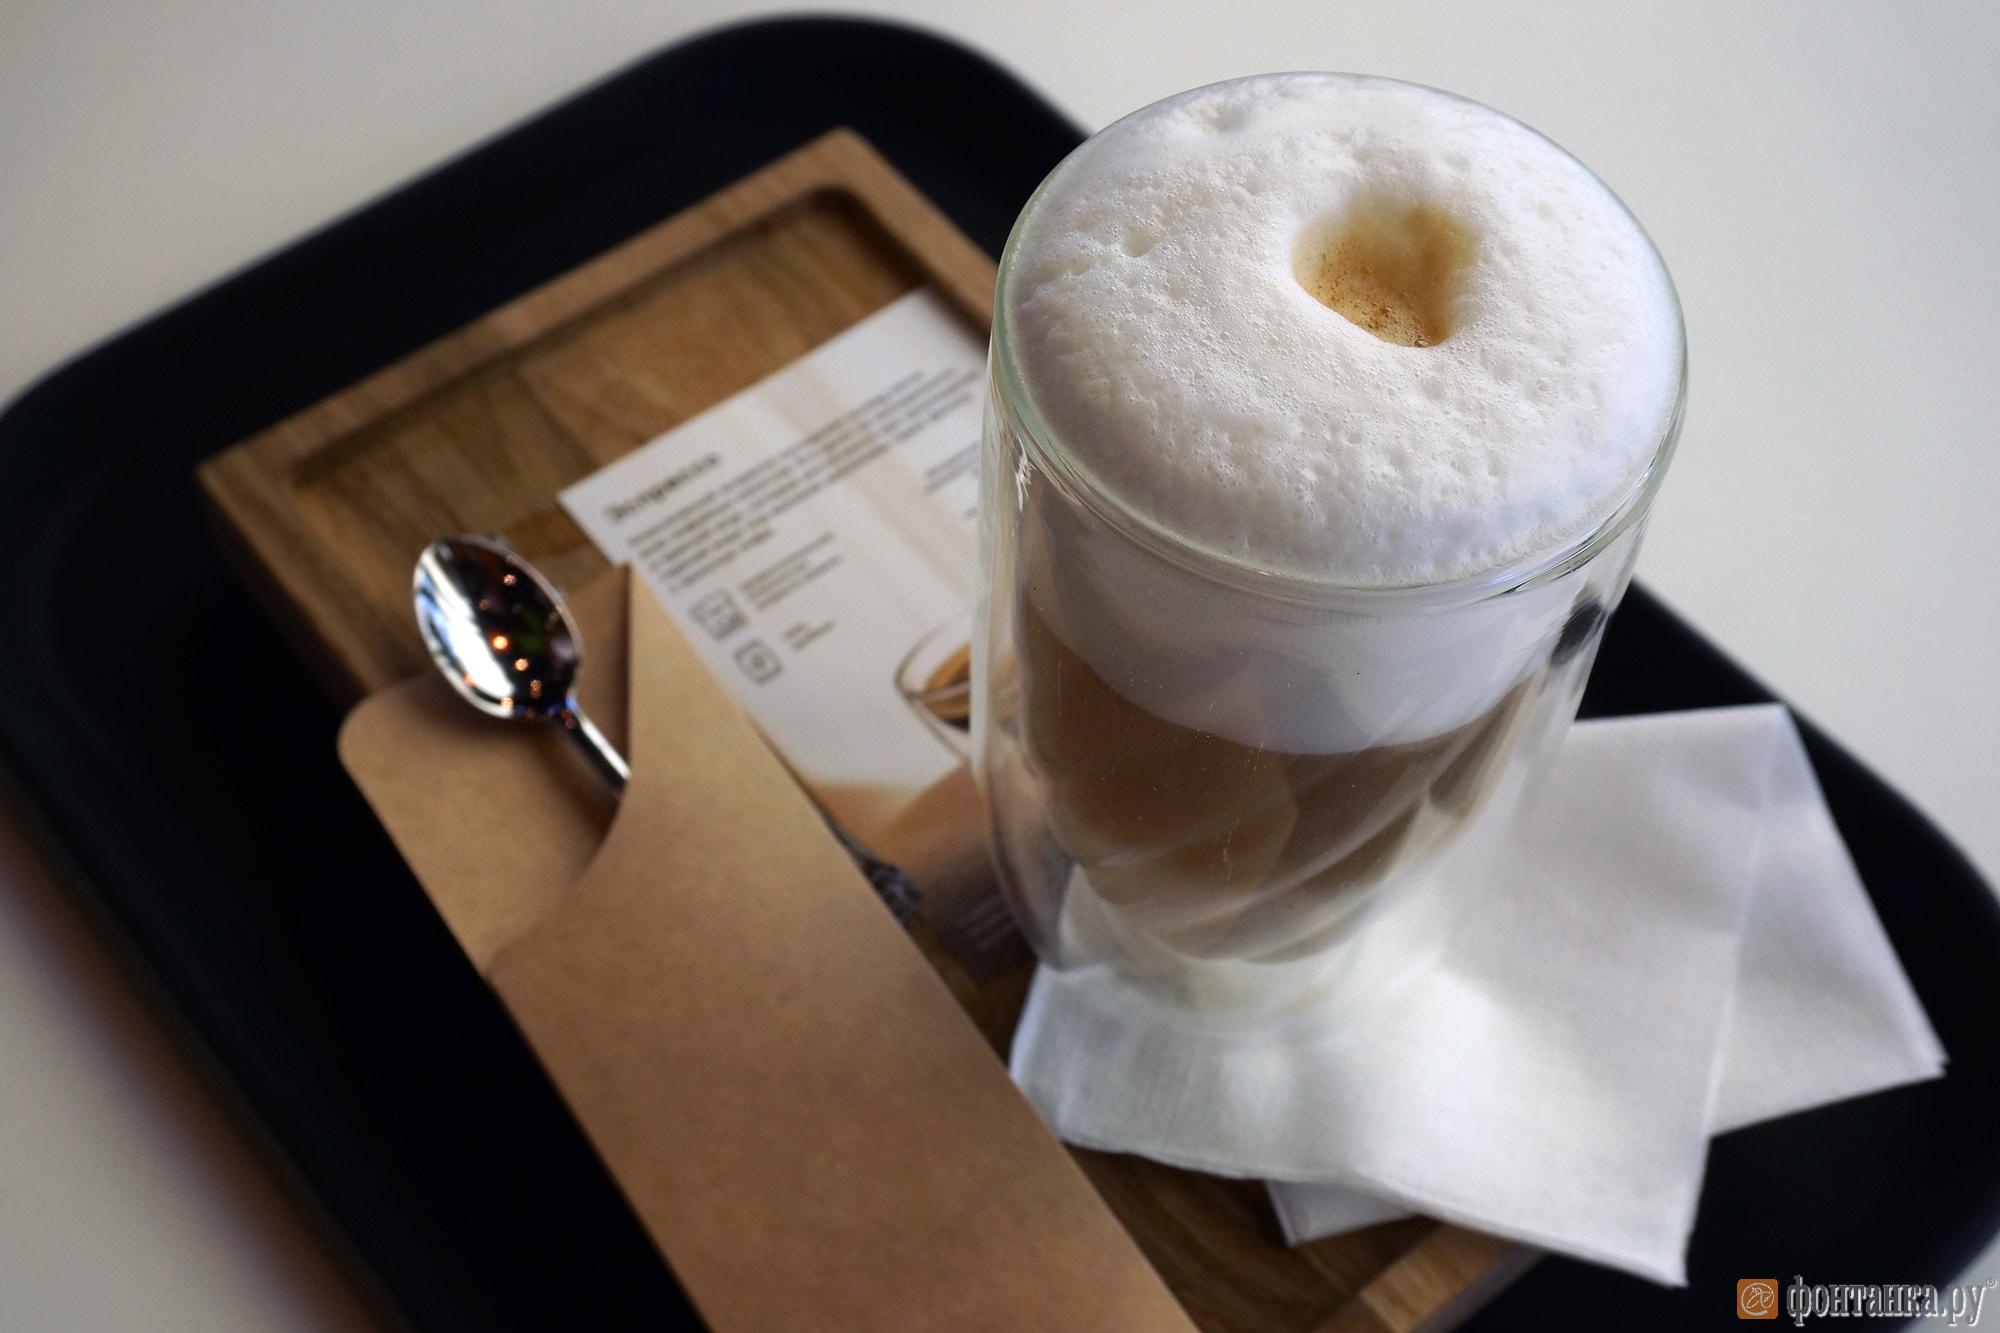 Ароматный напиток приносят в специальной посуде для сервировки (а не в пластиковых стаканах), которая позволяет подчеркнуть вкус